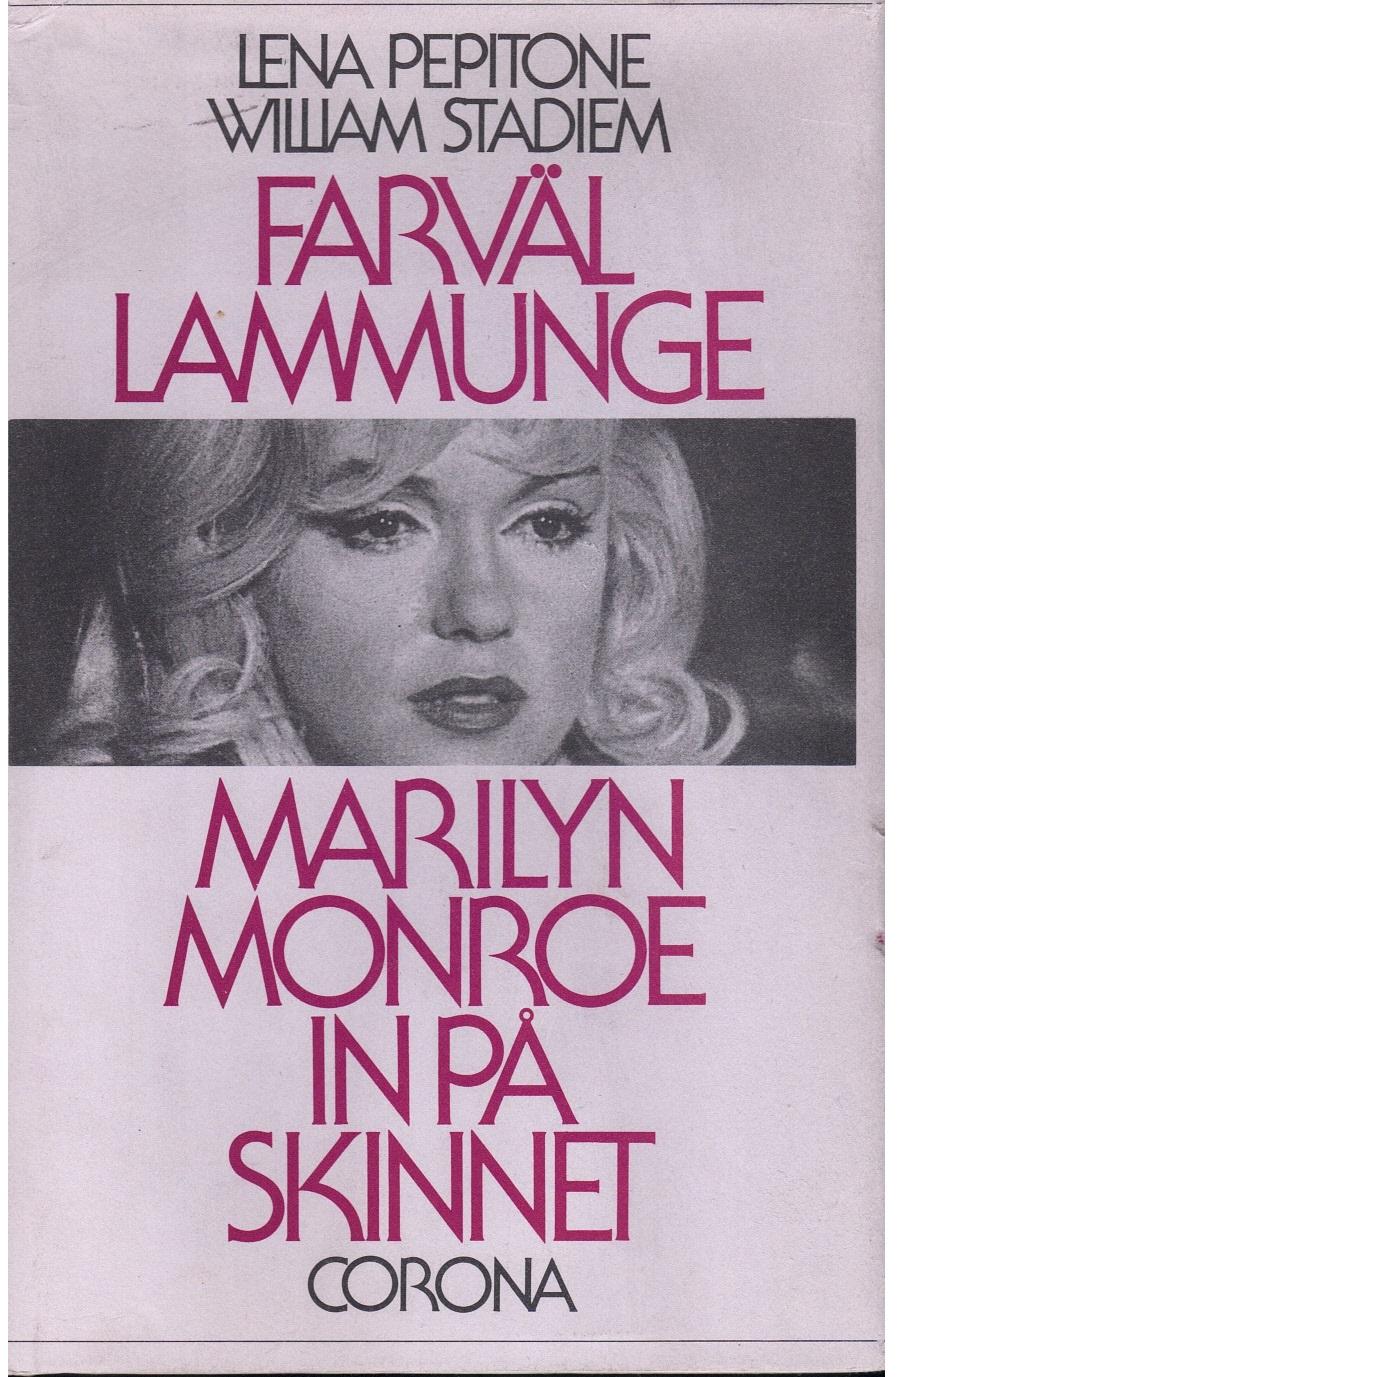 Farväl lammunge : Marilyn Monroe in på skinnet - Pepitone, Lena och Stadiem, William